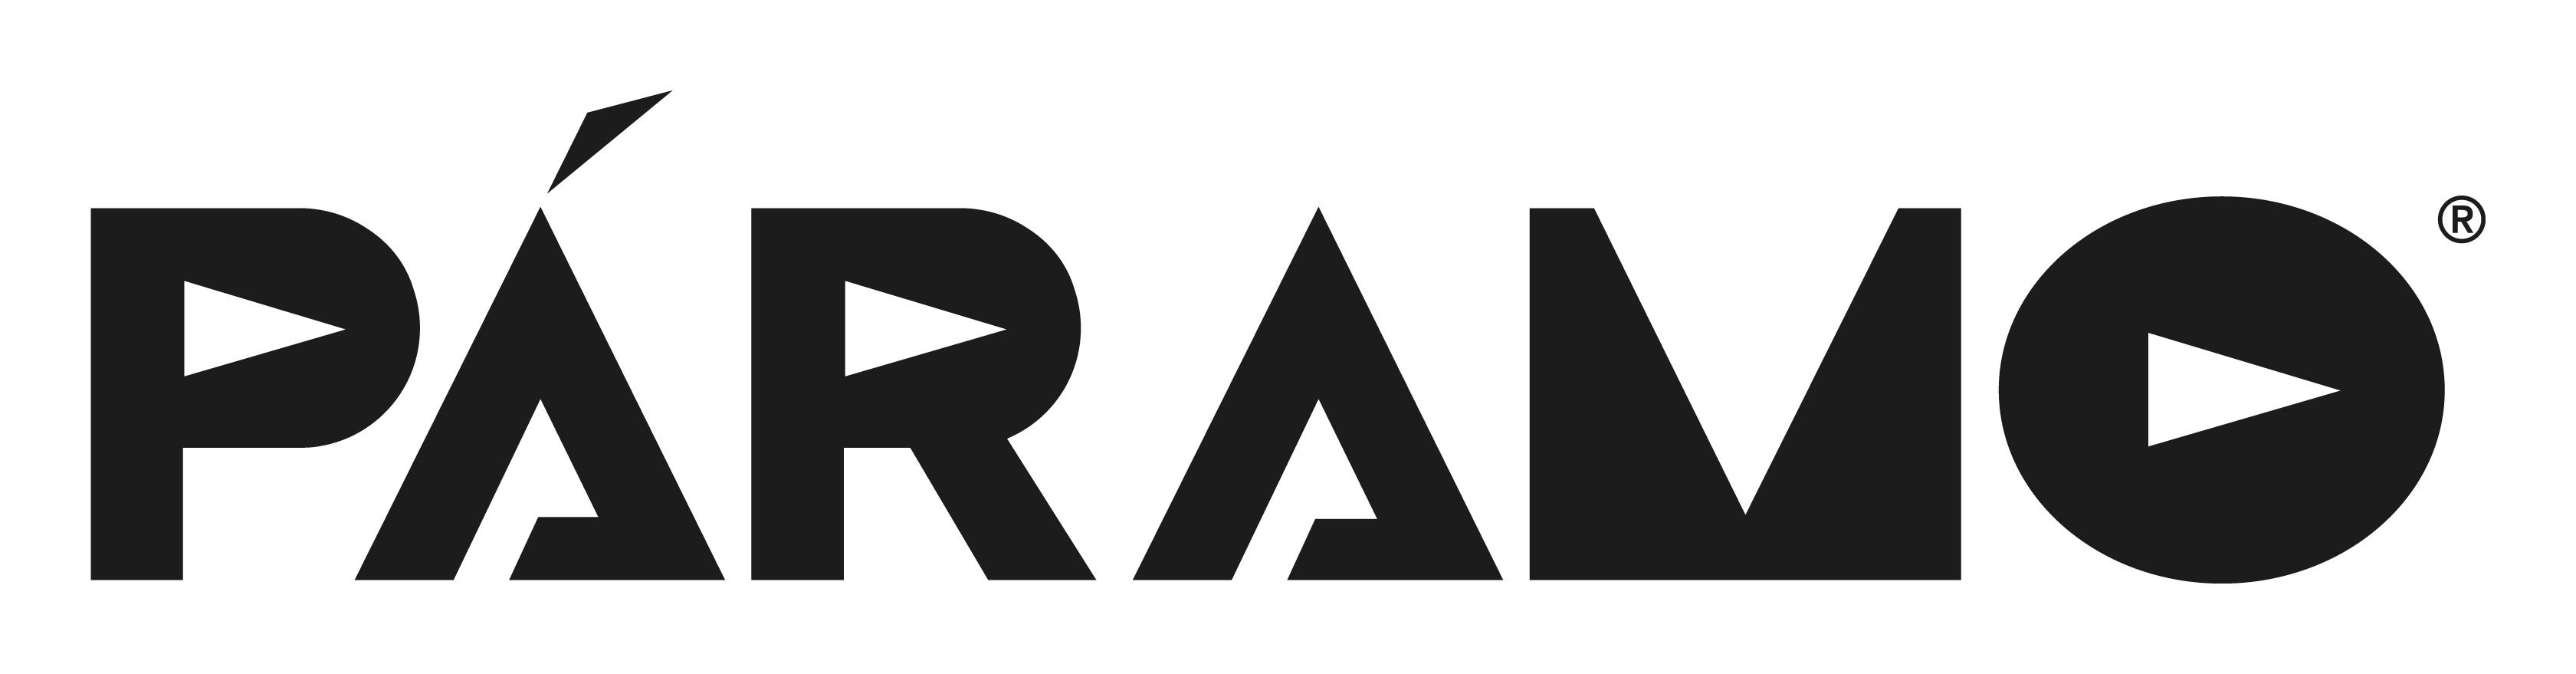 paramo-logo-2015-black-72ppi.jpg